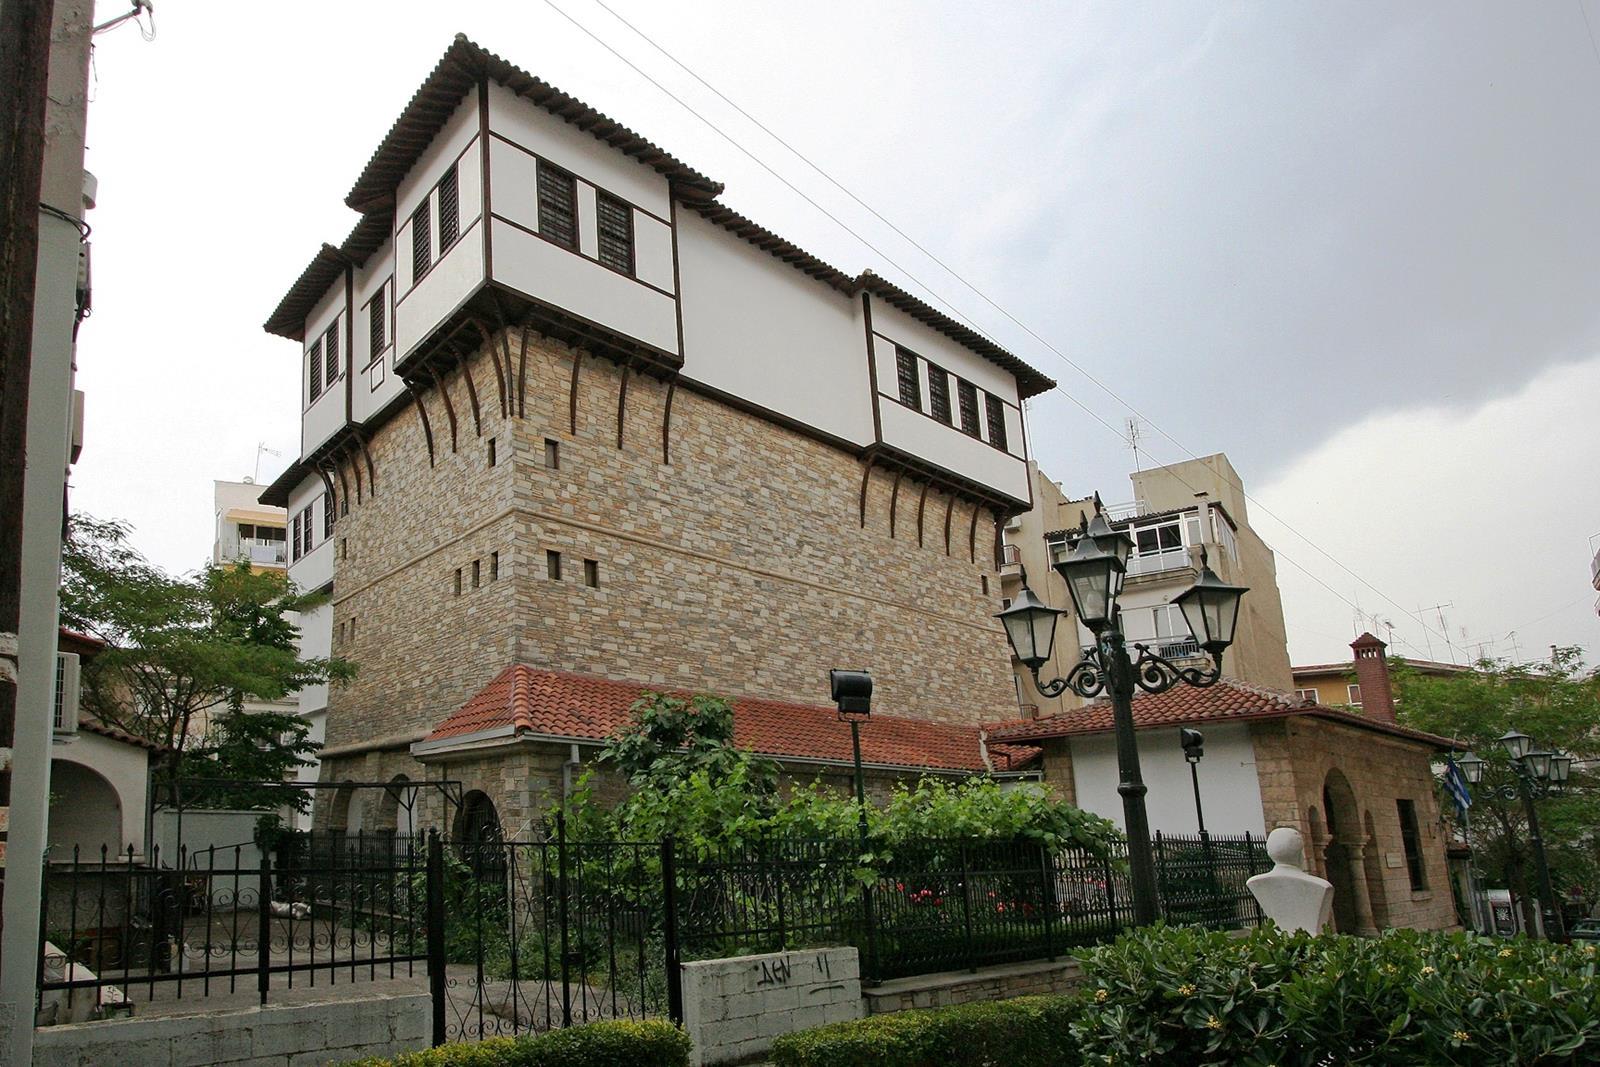 kozani sights - Anesis Hotel